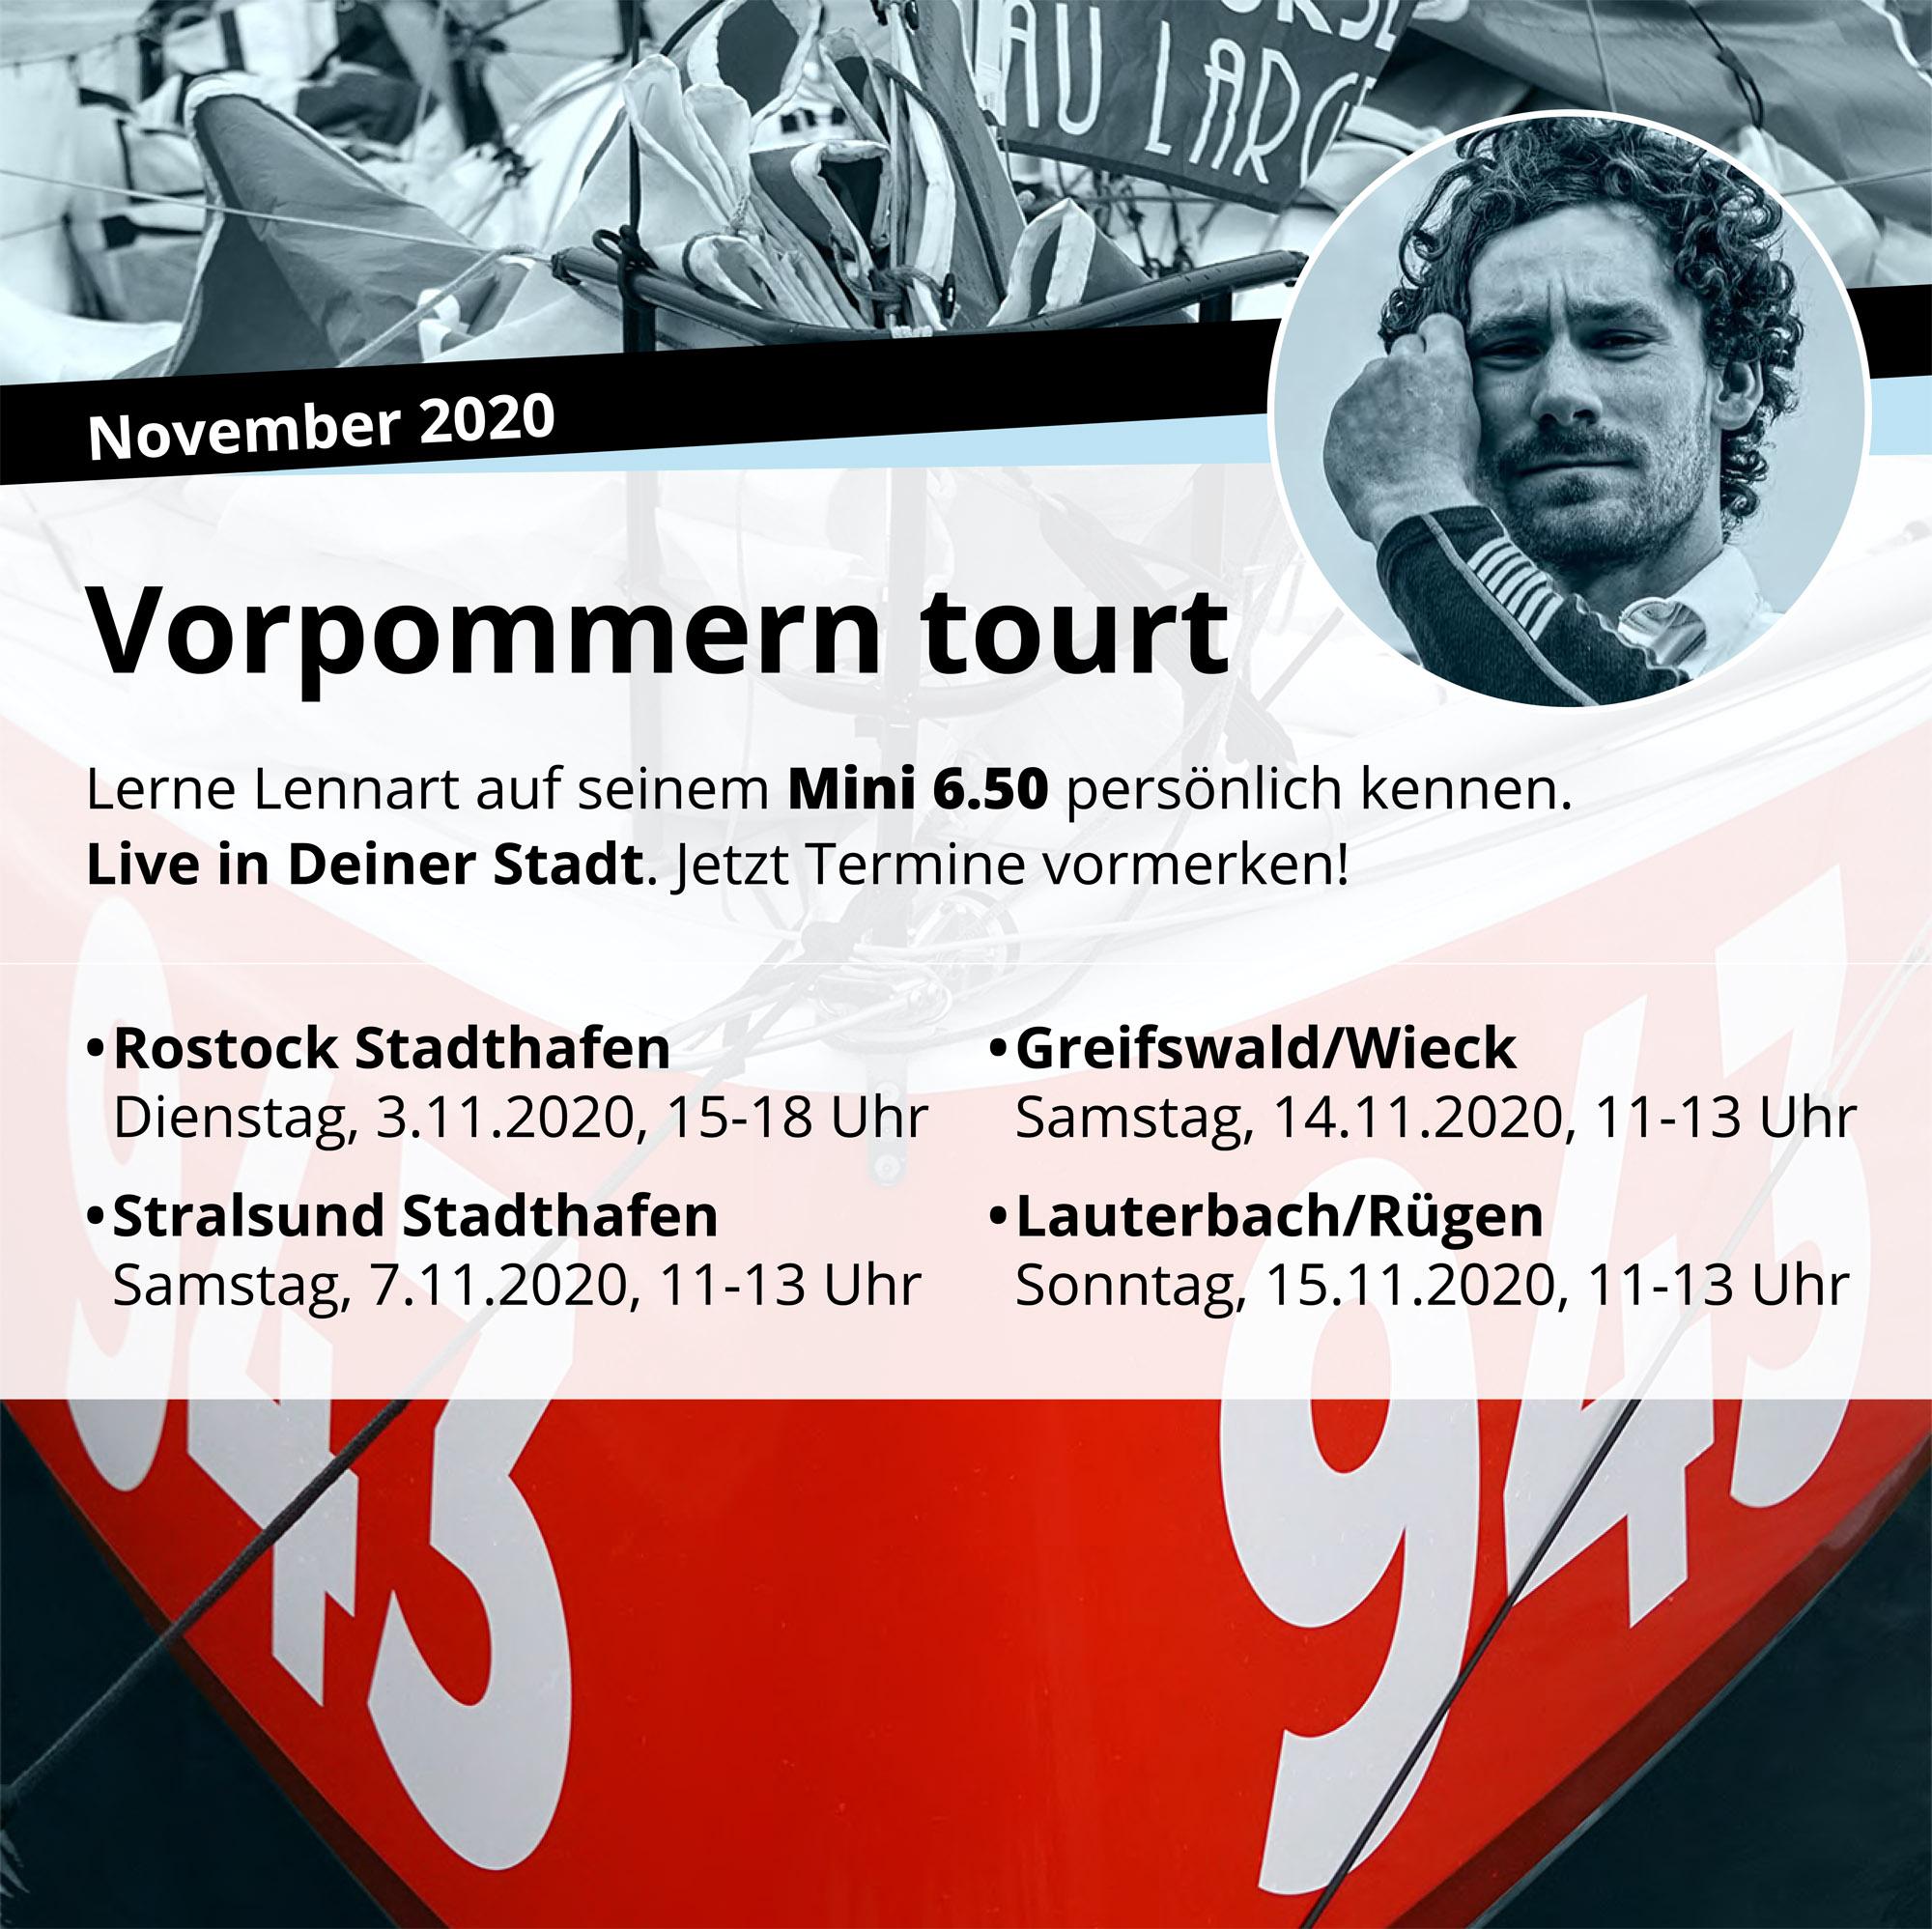 Lennart auf Tour in Vorpommern